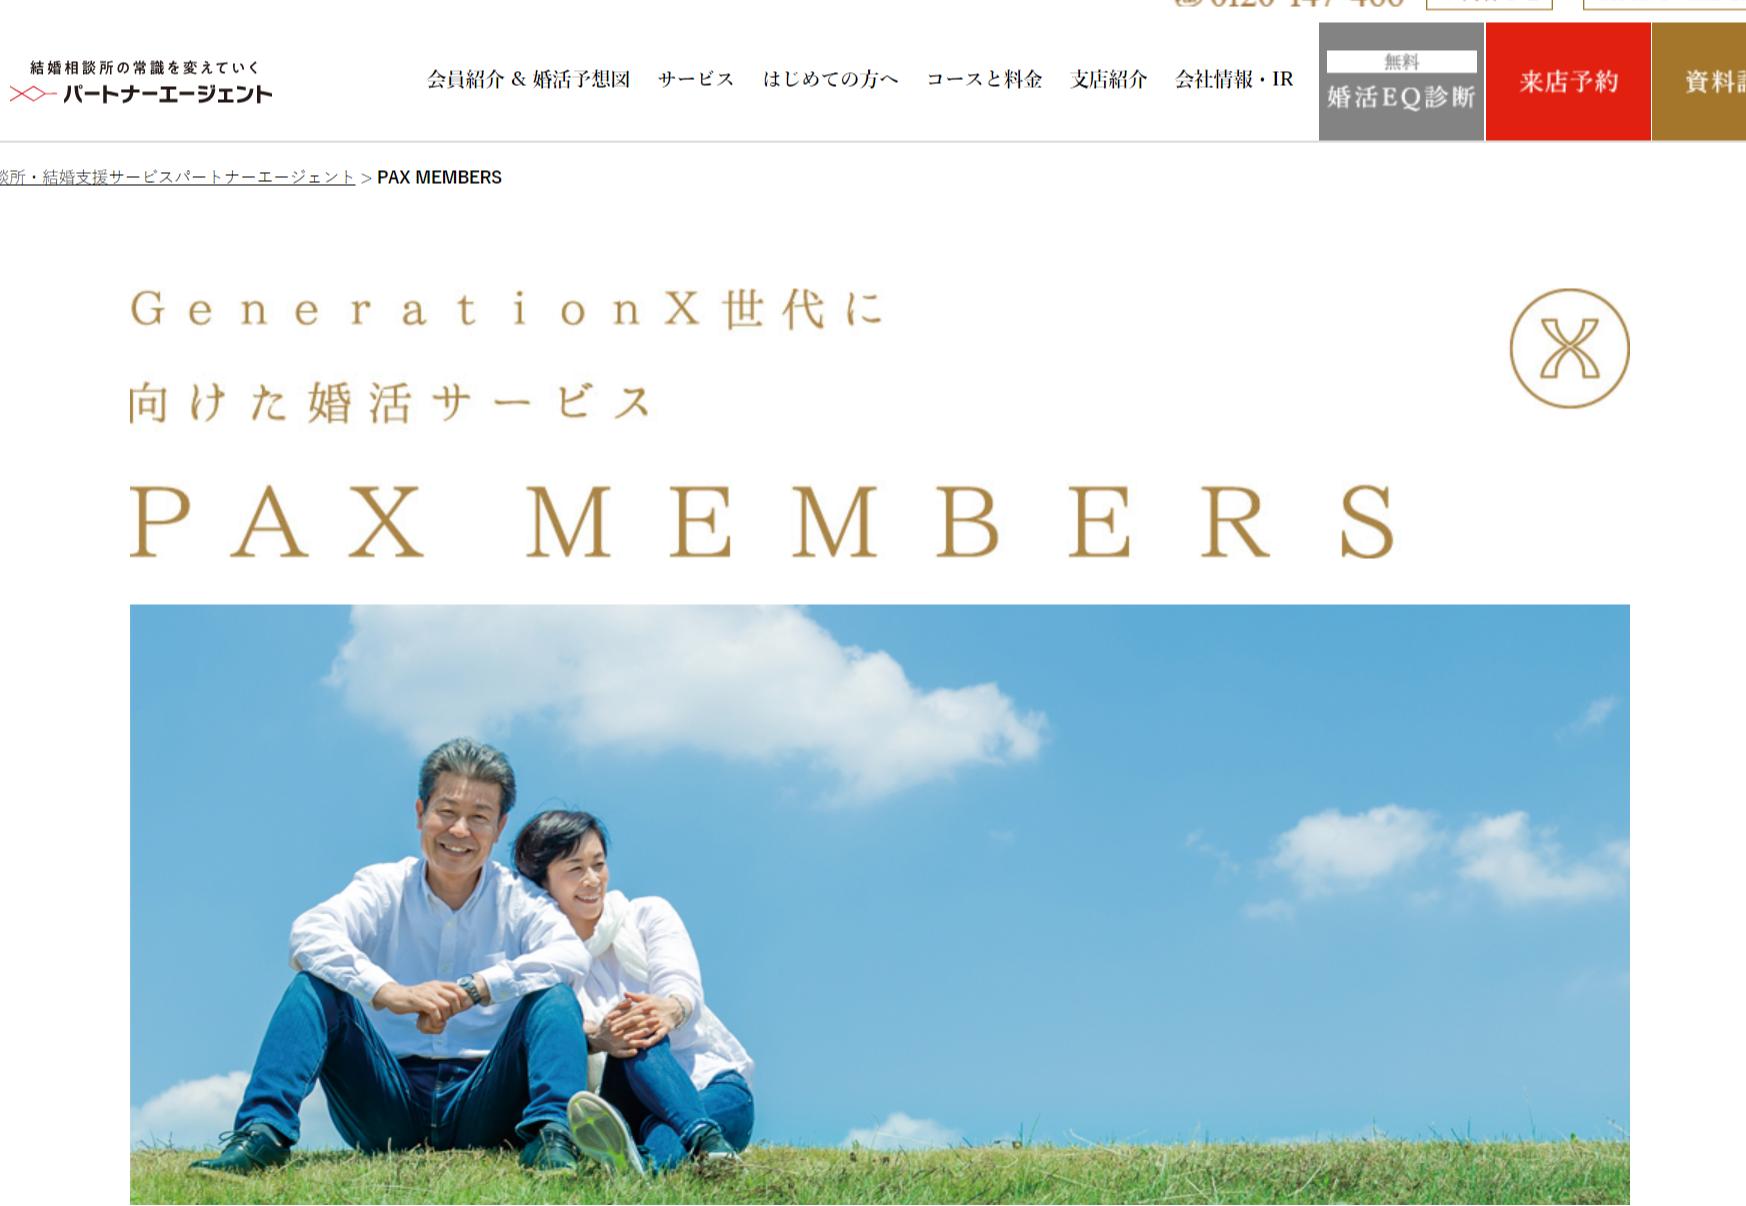 結婚相談所パートナーエージェント【成婚率No.1】 - www.p-a.jp